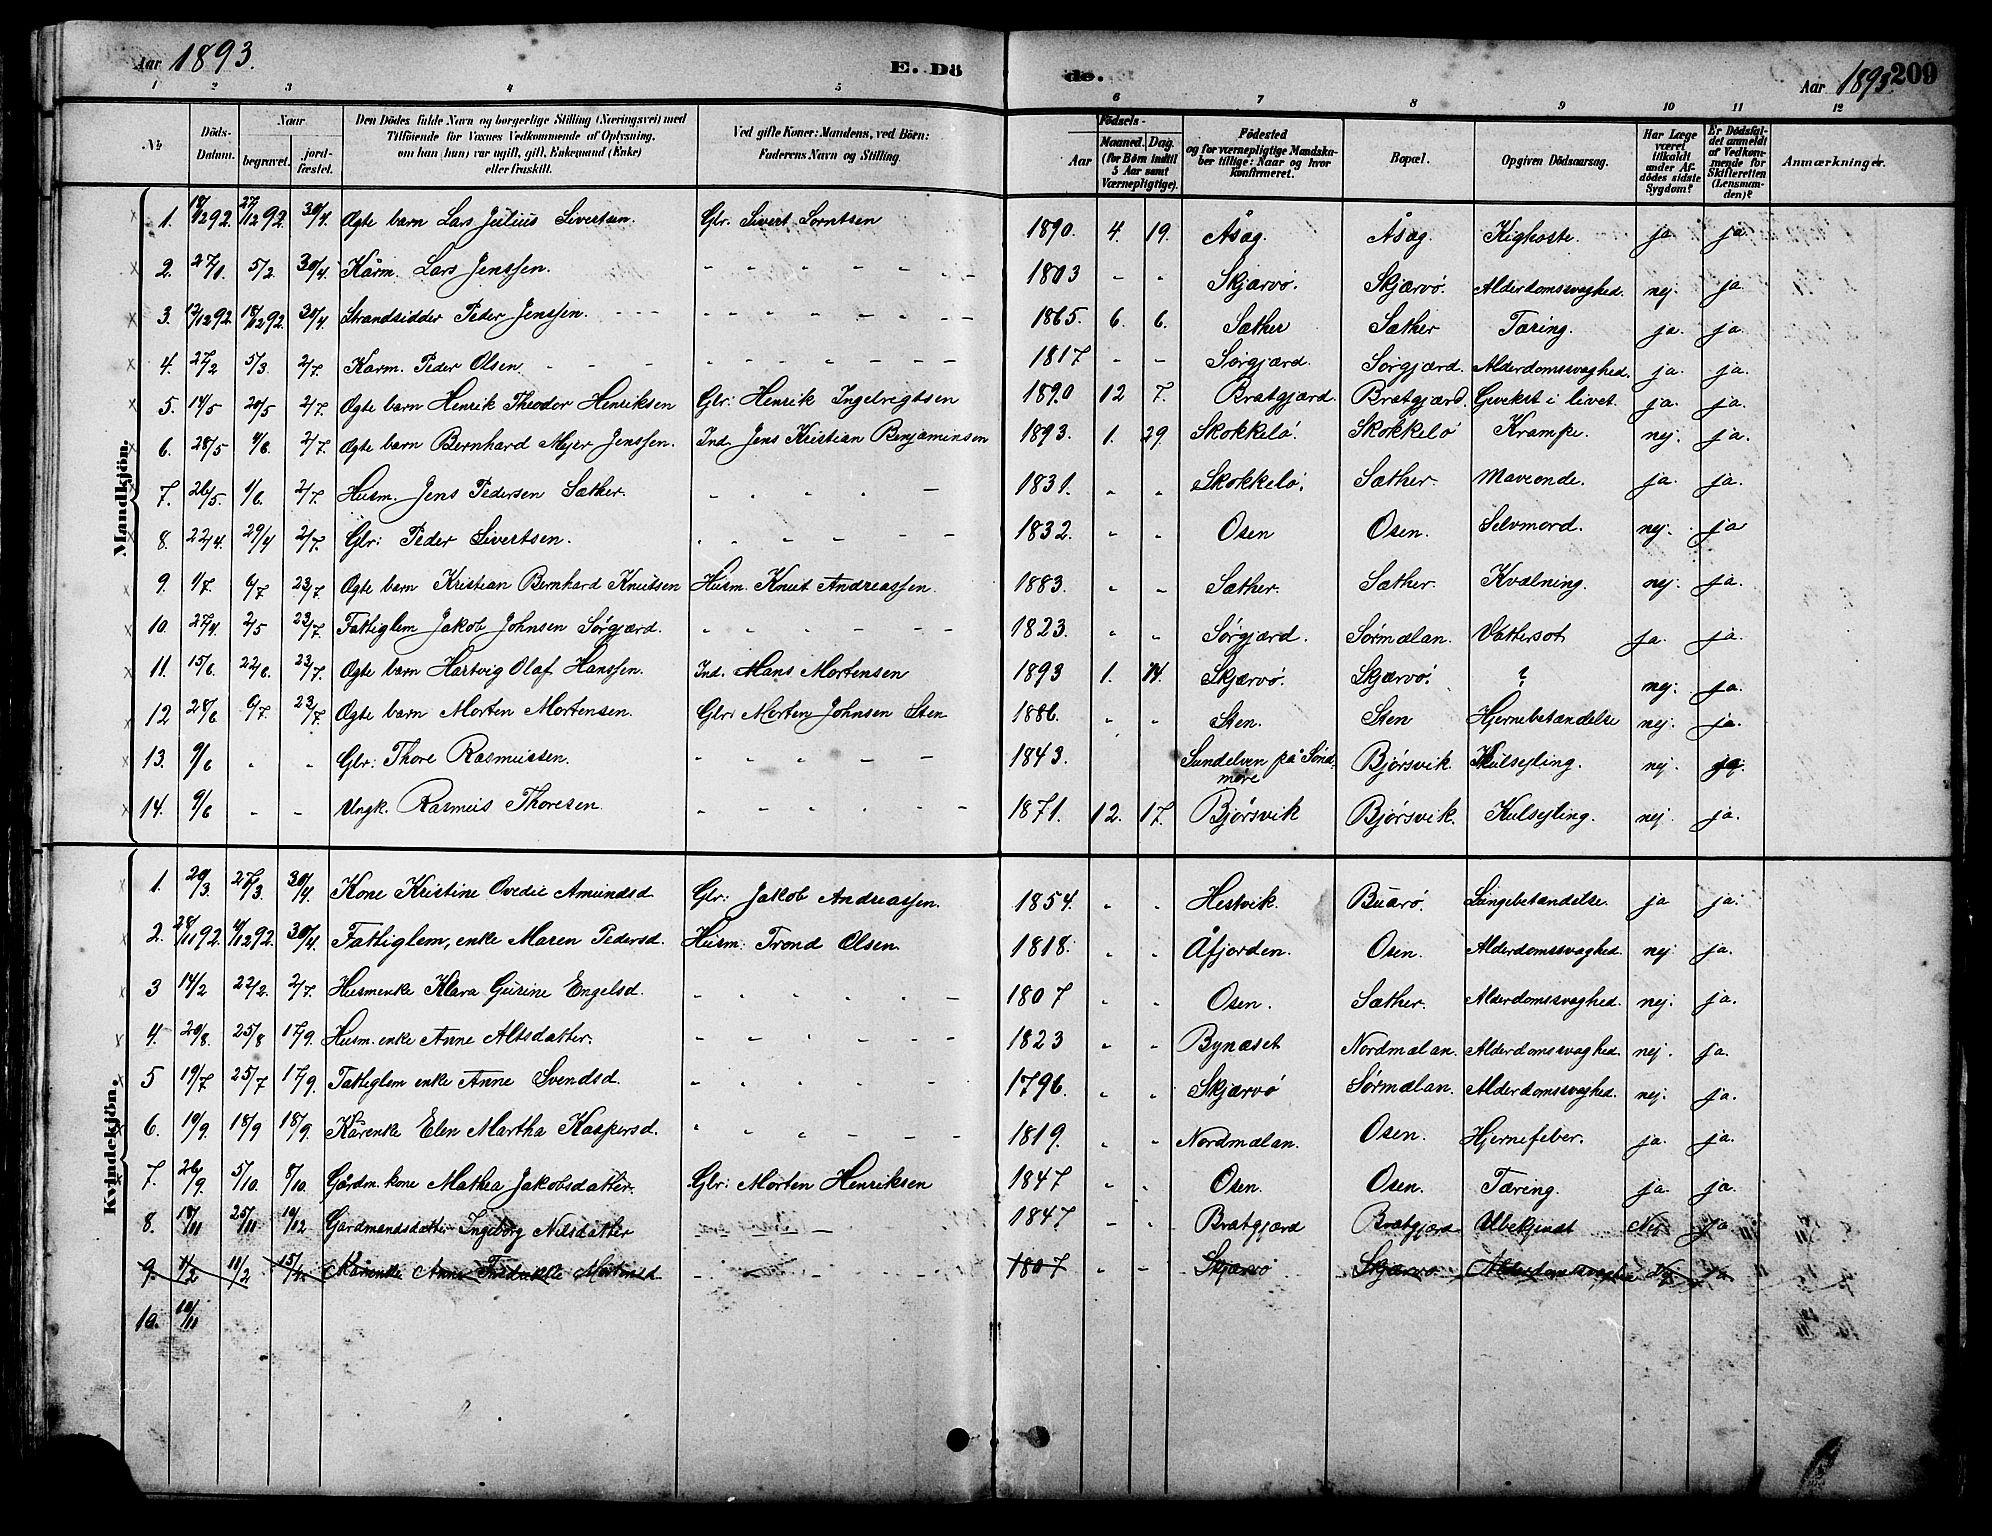 SAT, Ministerialprotokoller, klokkerbøker og fødselsregistre - Sør-Trøndelag, 658/L0726: Klokkerbok nr. 658C02, 1883-1908, s. 209